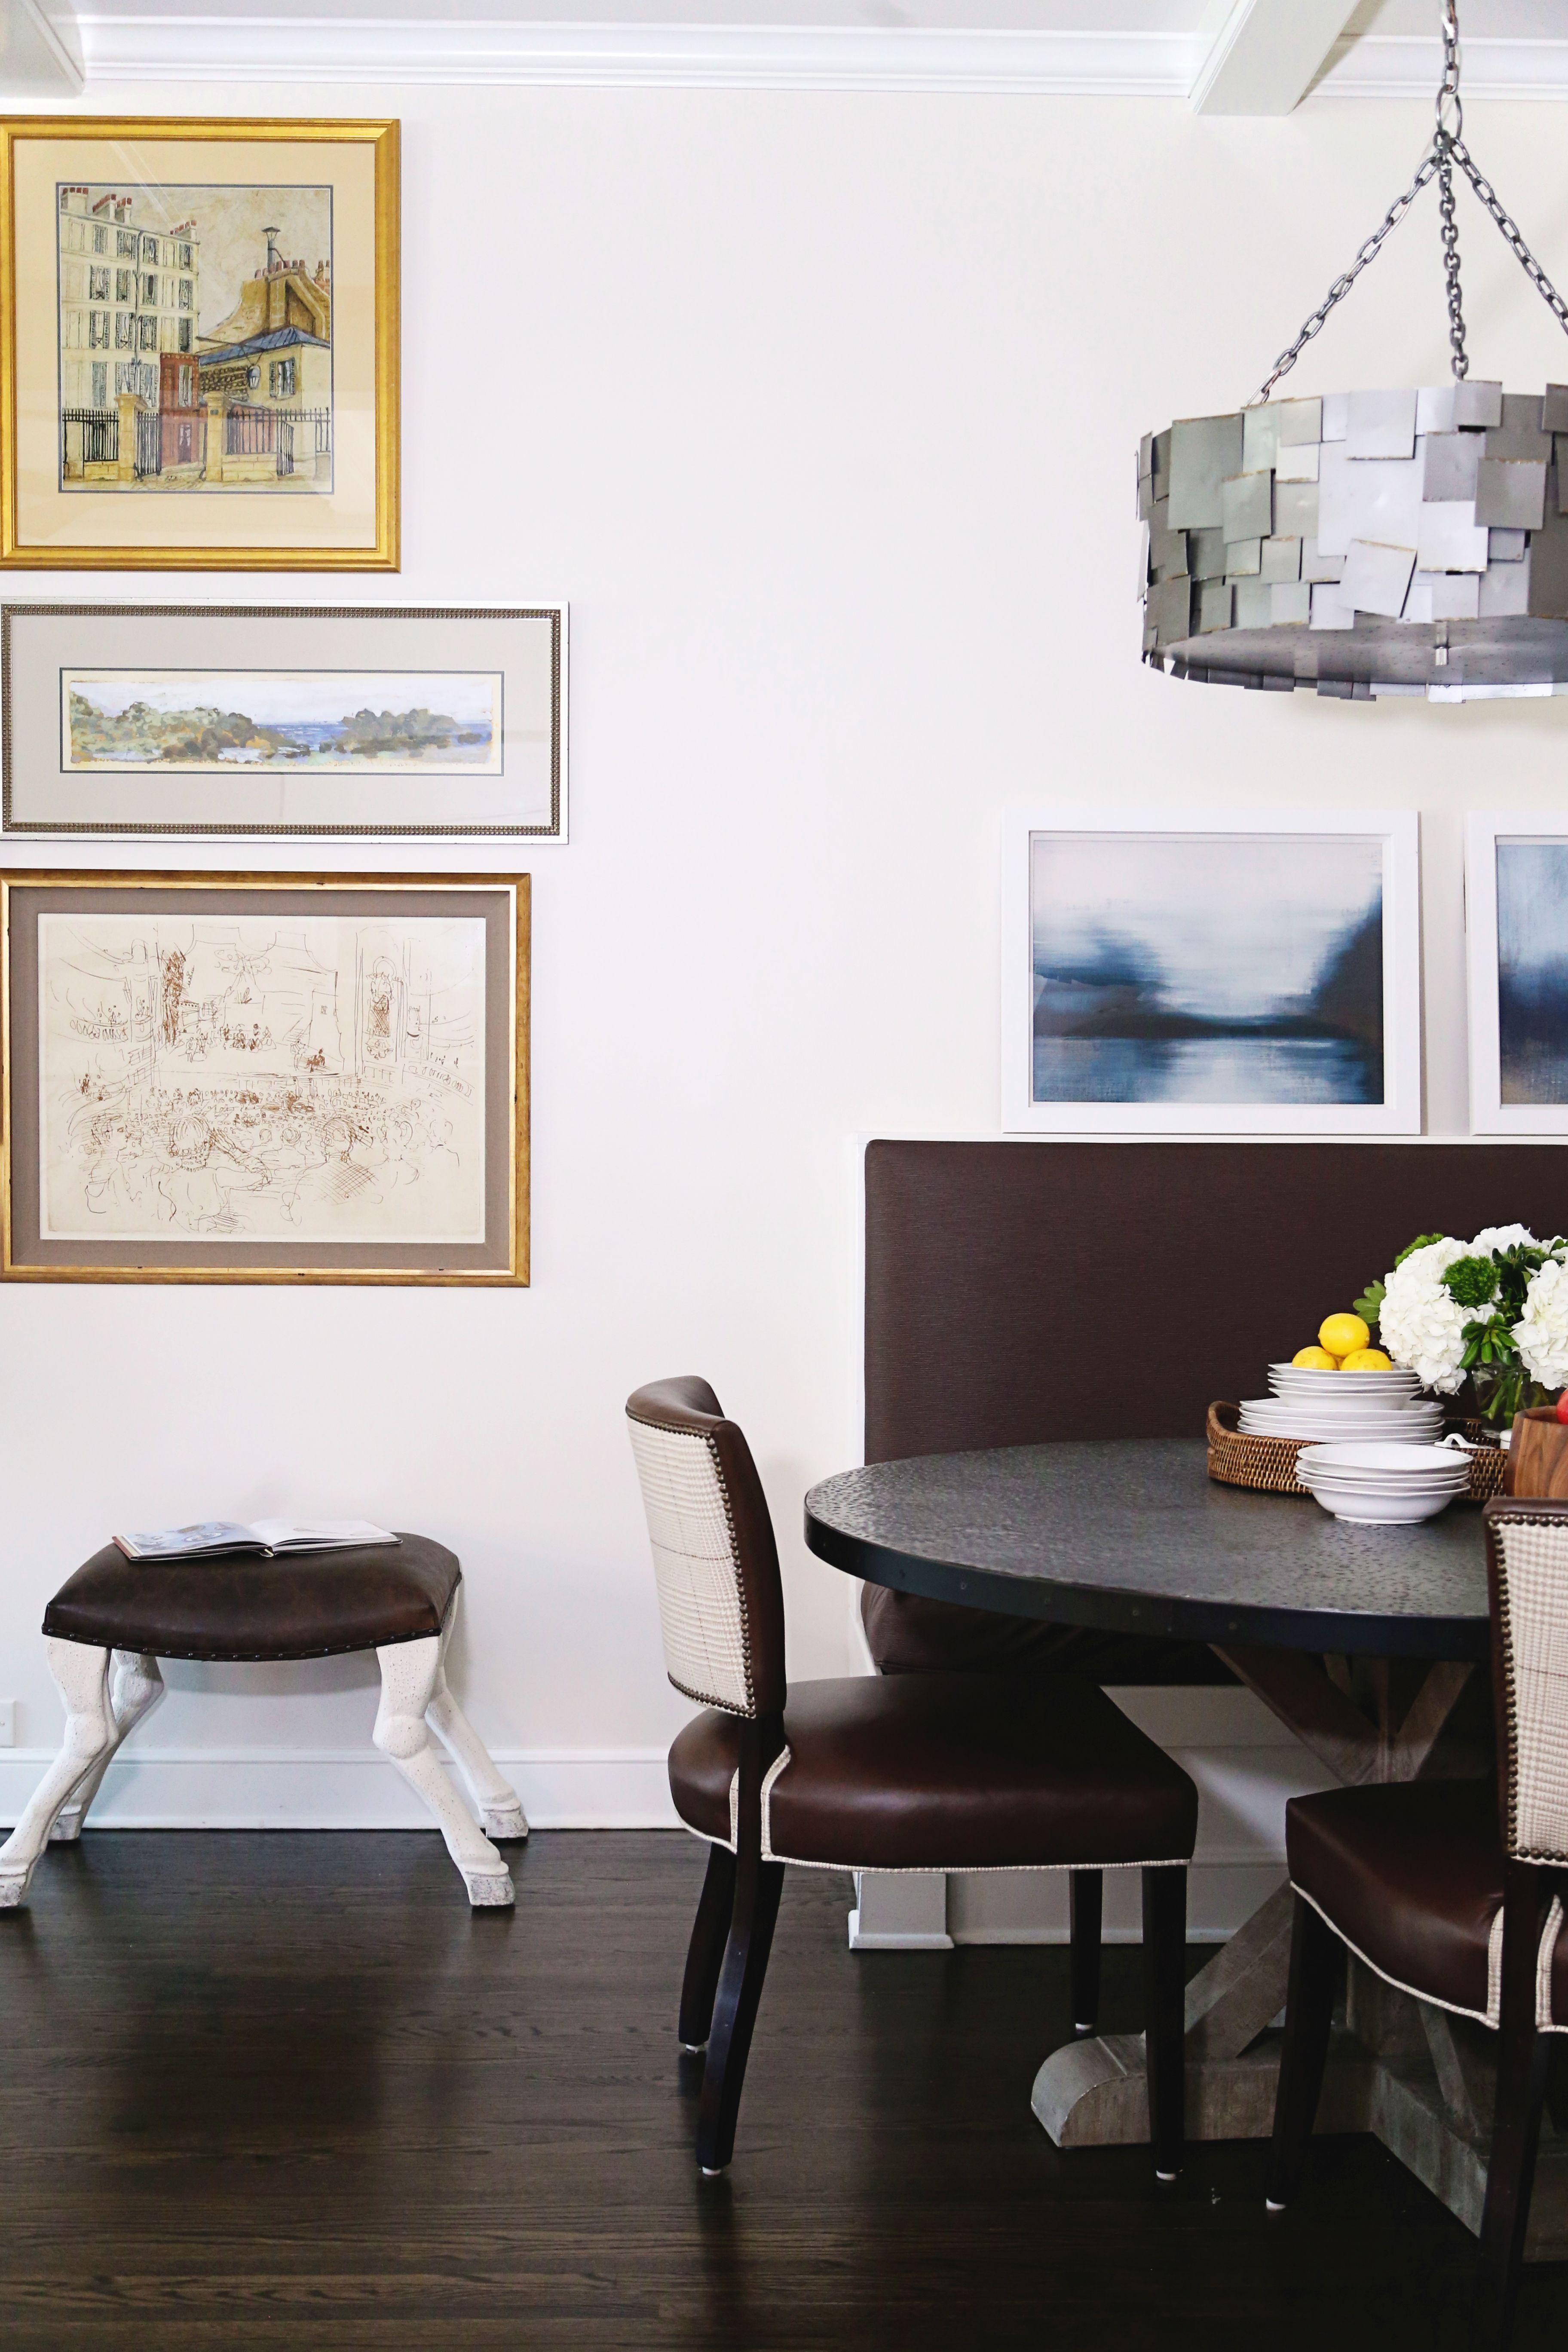 yorktown breakfast nook interiordesign interiordesigner rh pinterest com